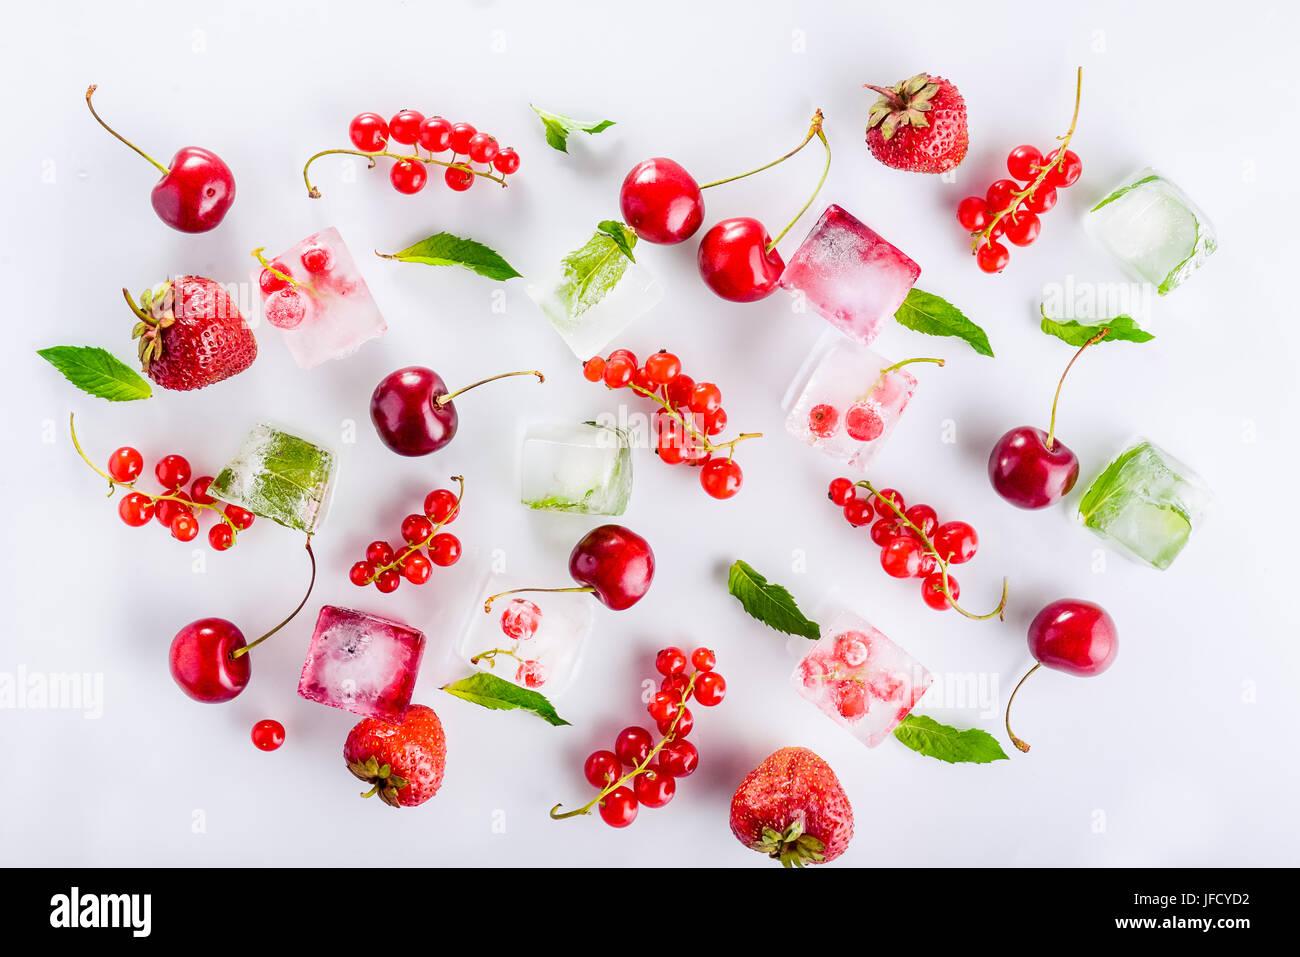 Draufsicht auf Eiswürfel mit frischen Beeren unter nicht gefrorene Kirschen, Erdbeeren und Minze Blätter Stockbild